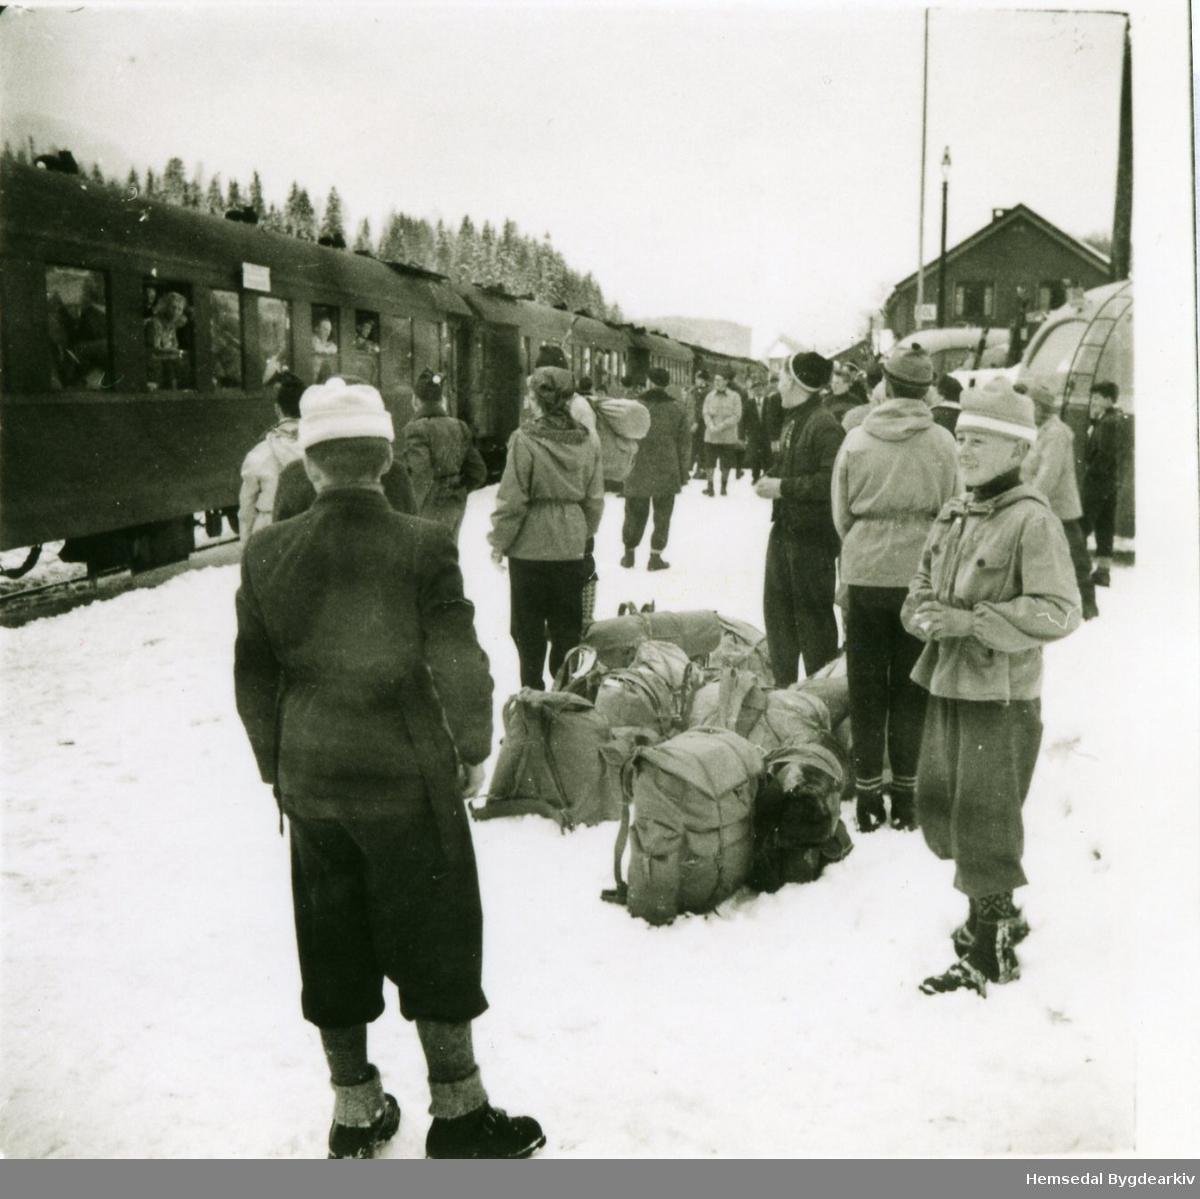 Påsketuristar på Gol stasjon ein ngong på 1950-talet.